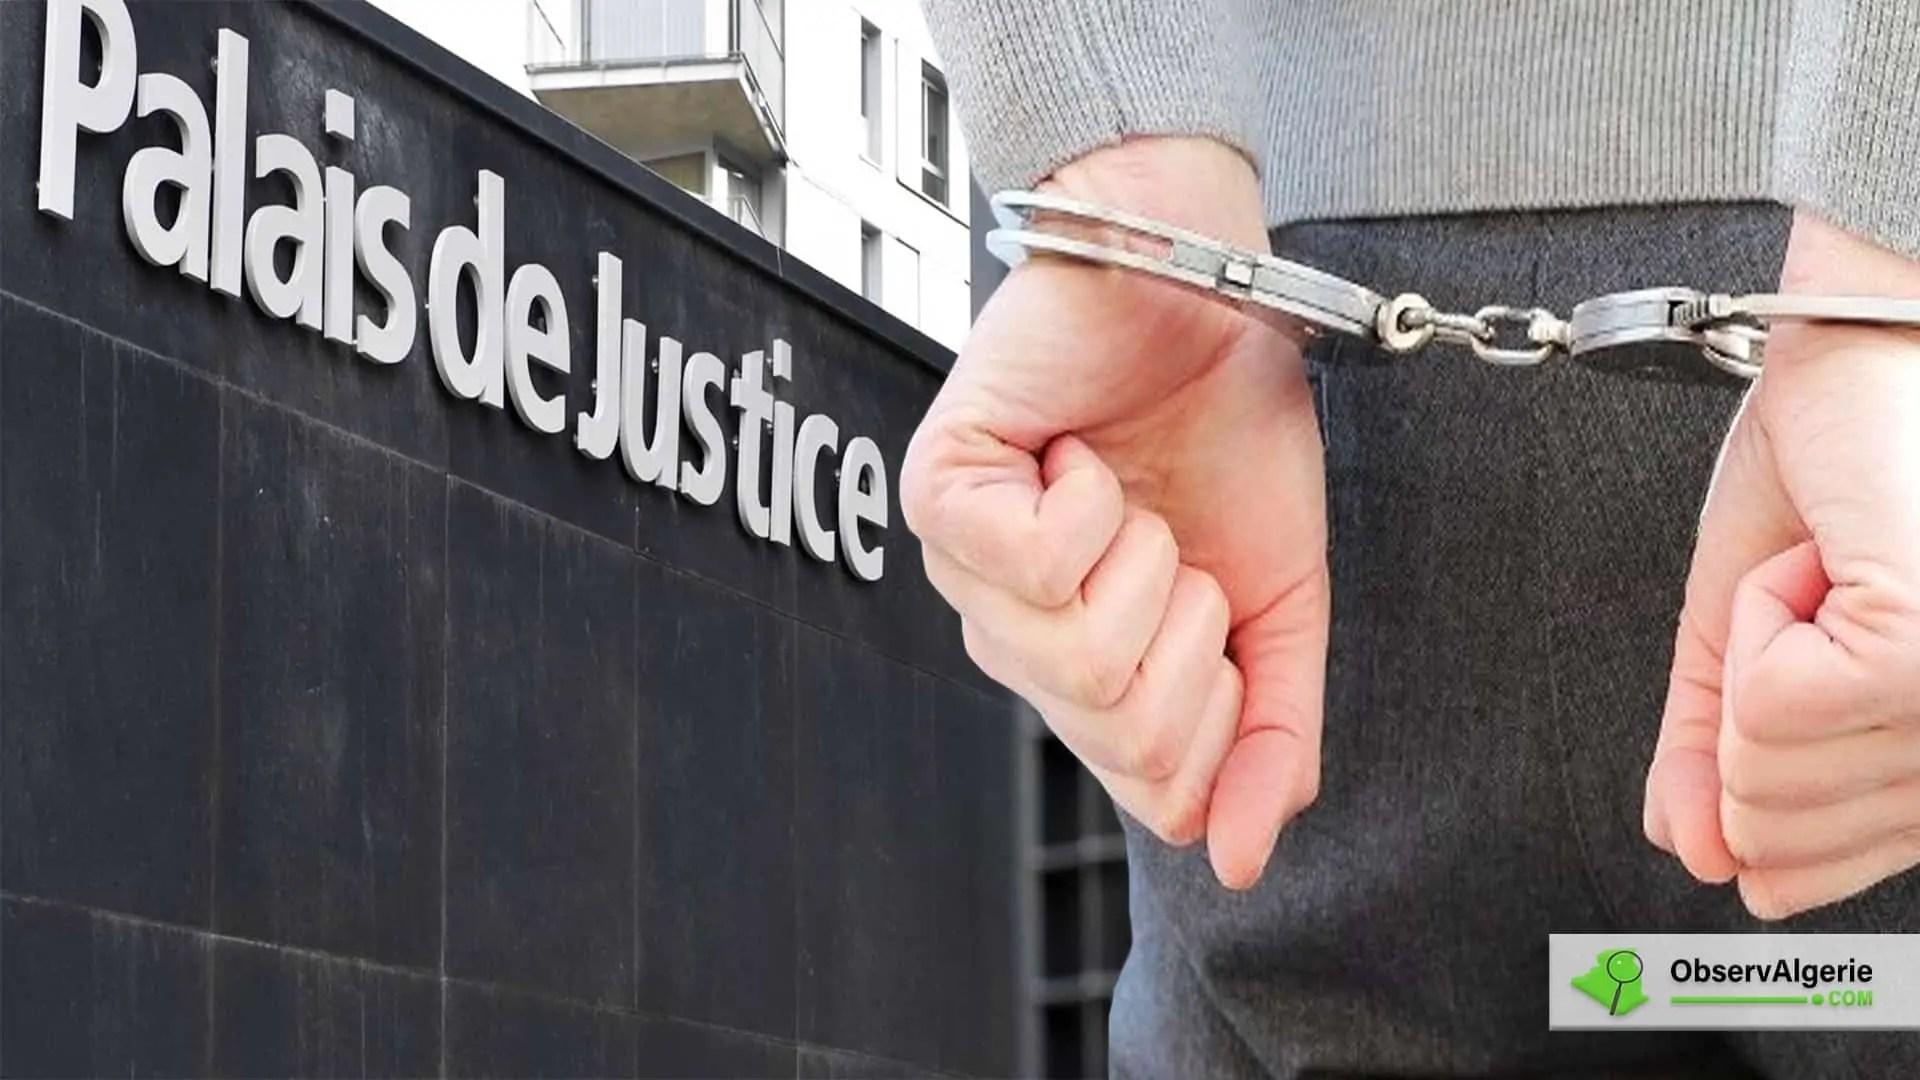 Un sans-papiers algérien condamné pour avoir usurpé l'identité d'un retraité français